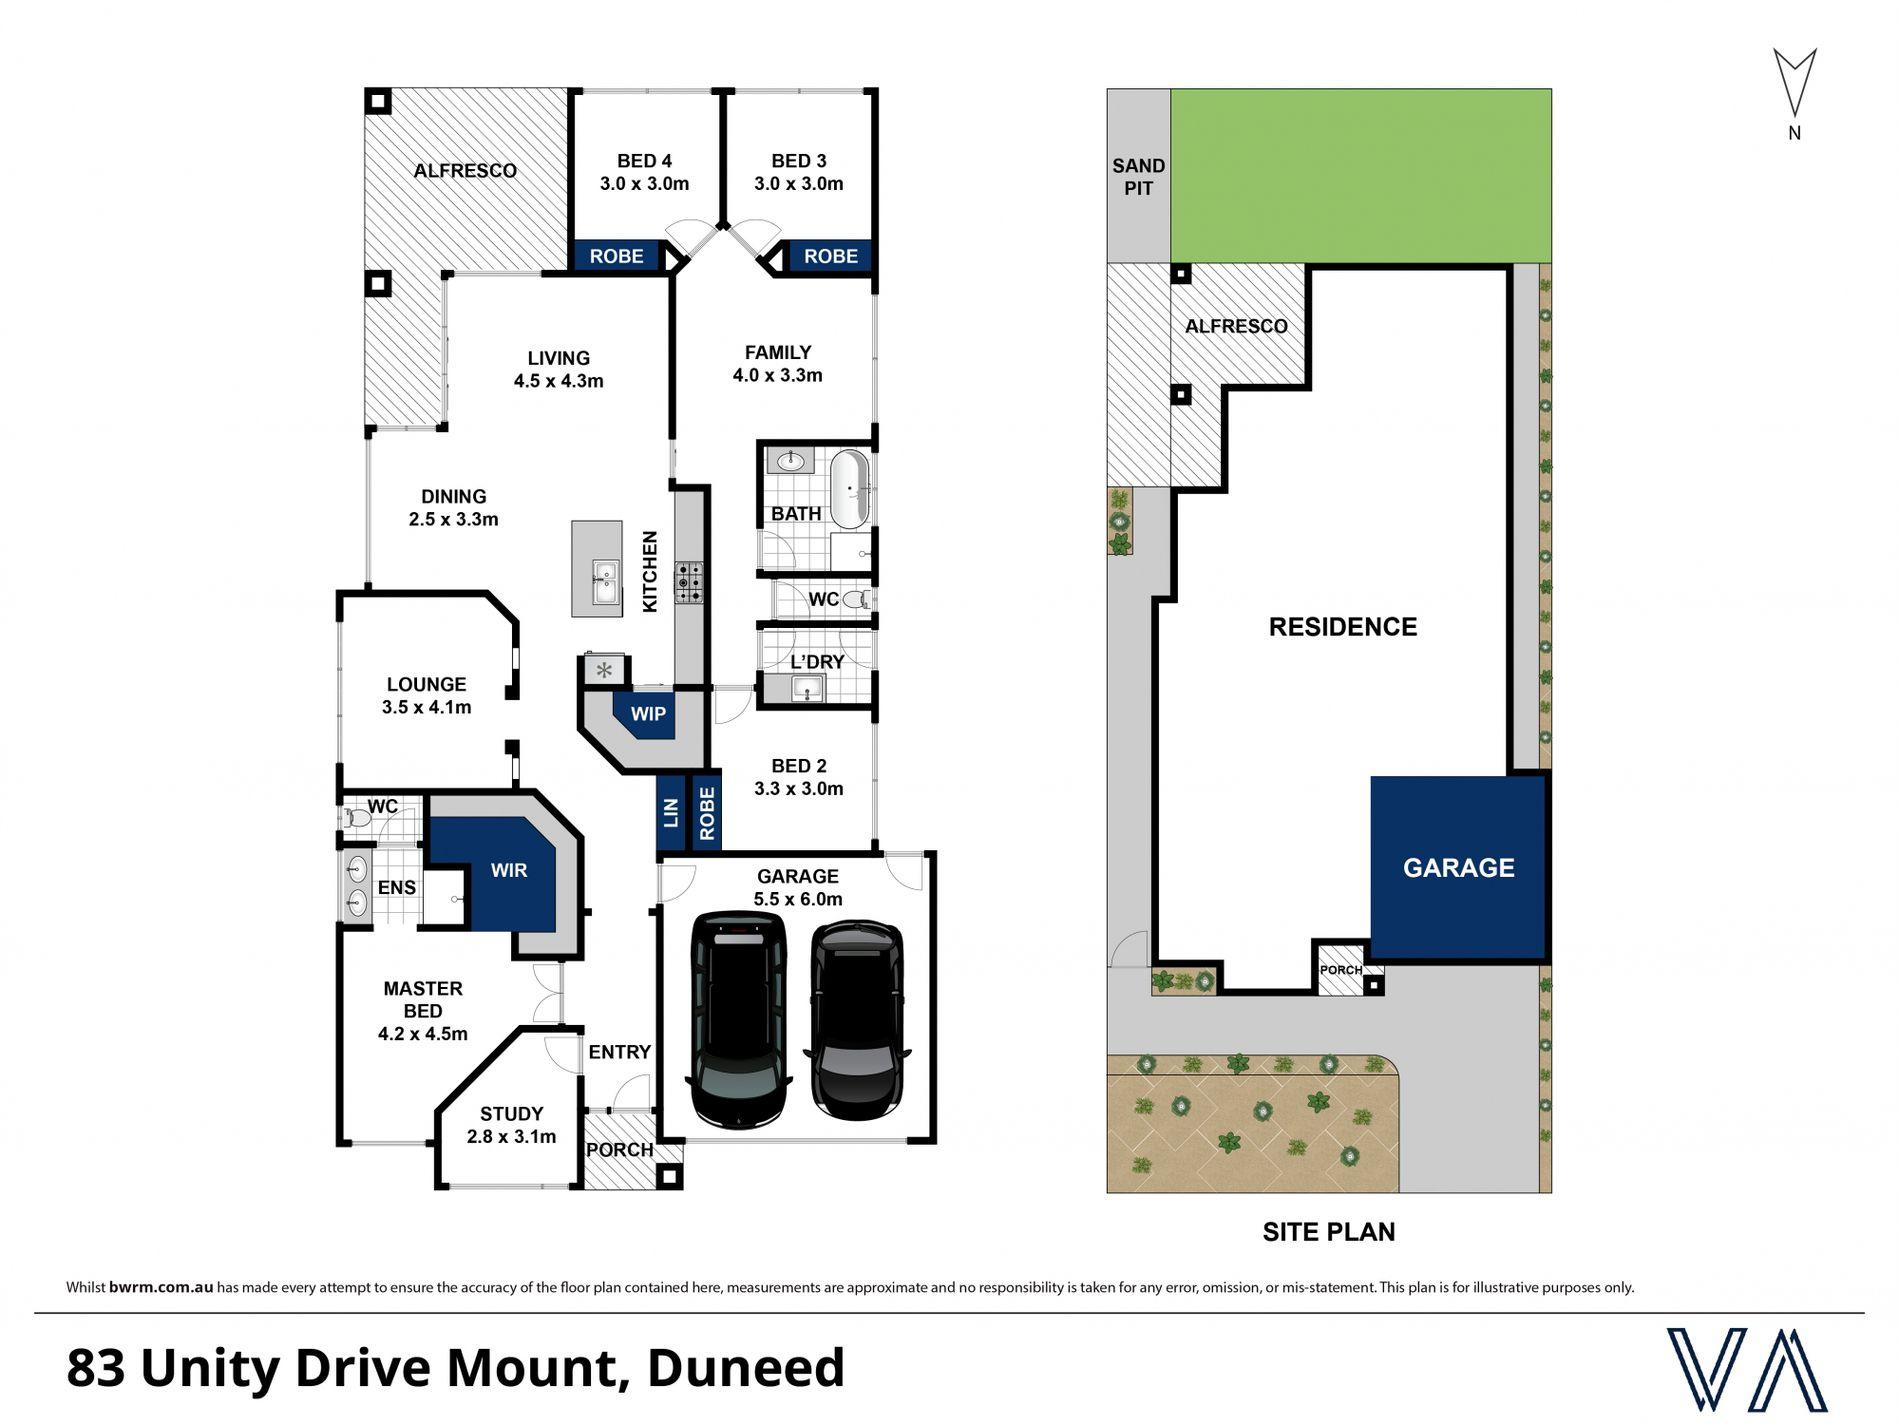 83 Unity Drive, Mount Duneed